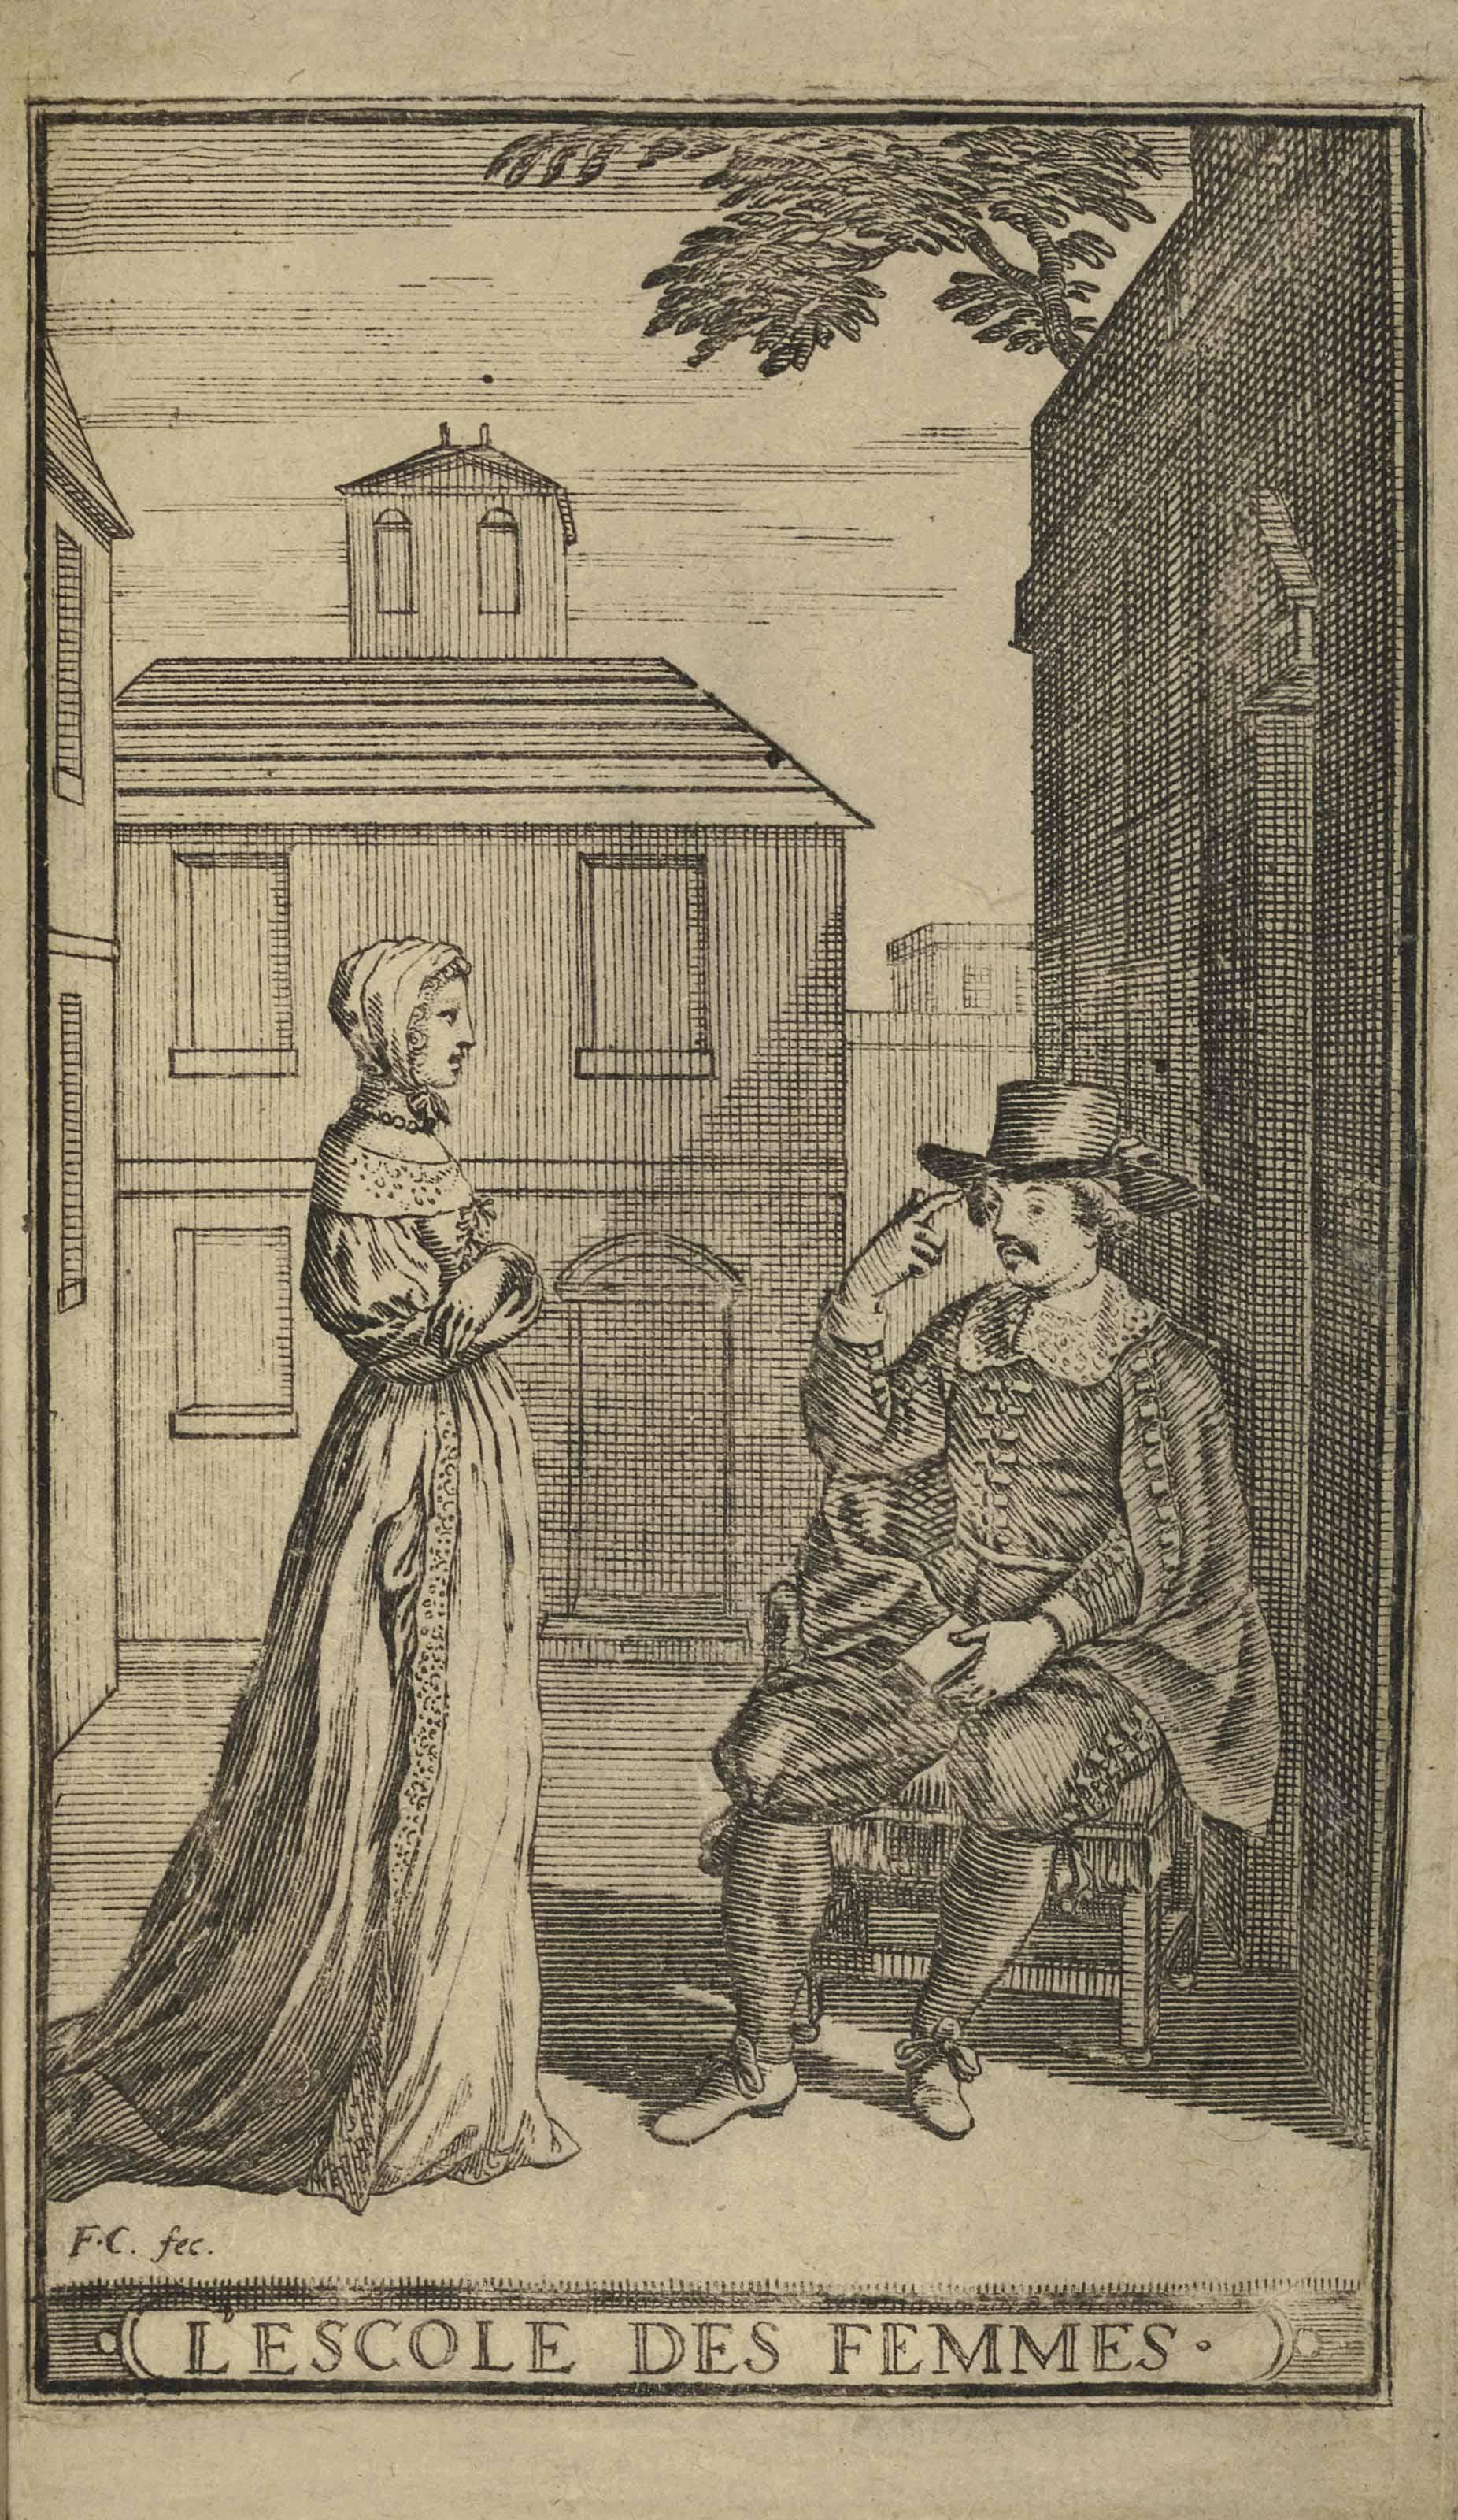 MOLIÈRE (1622-1673). L'Escole des femmes. Comédie. Paris: Thomas Jolly, 1663 [achevé d'imprimer au 17 mars].